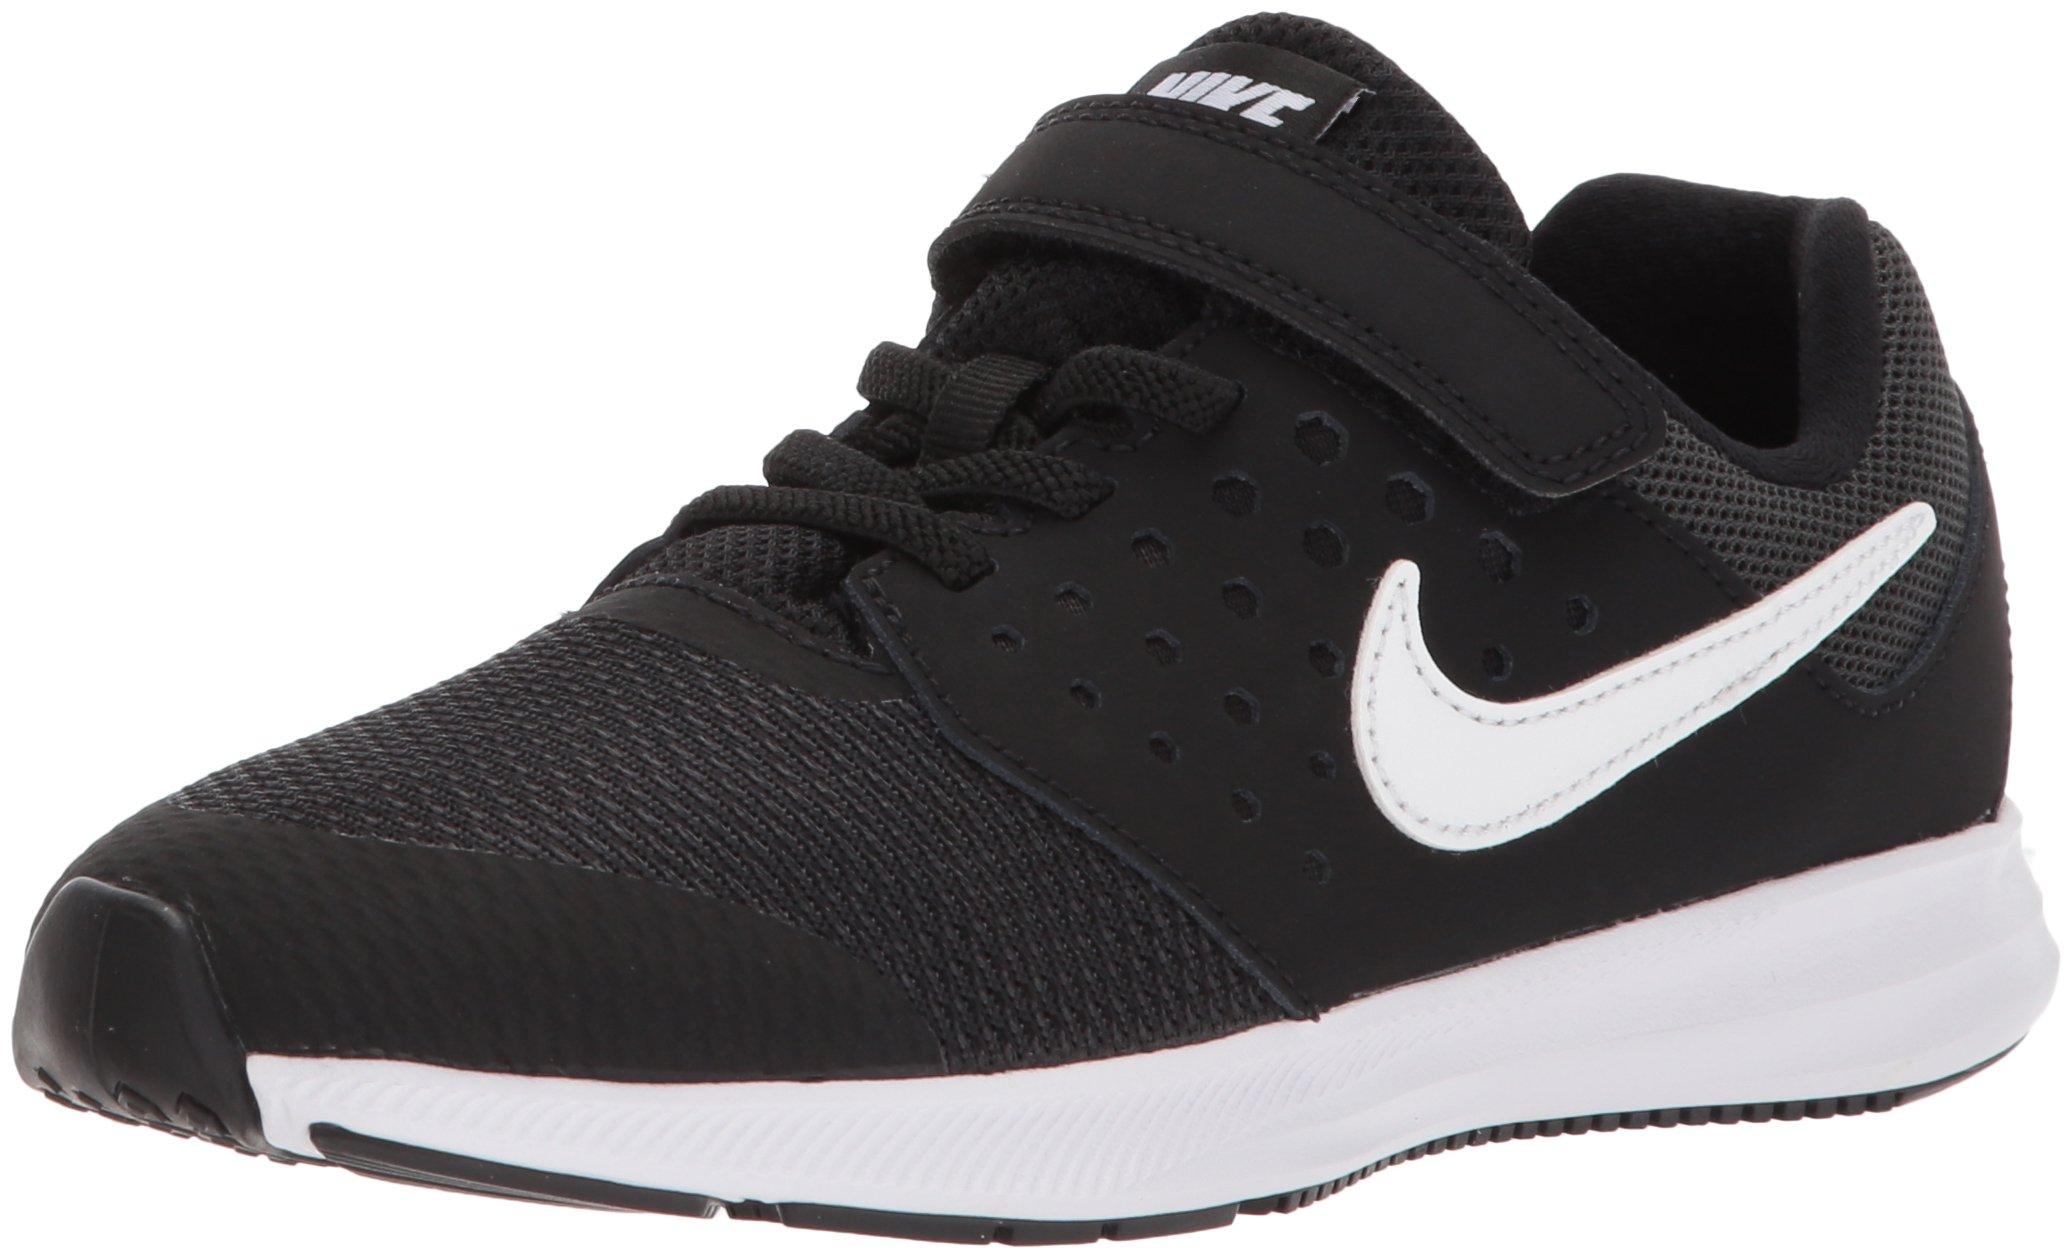 Nike Boys' Downshifter 7 (PSV) Running Shoe, Black/White-Anthracite, 3 M US Little Kid